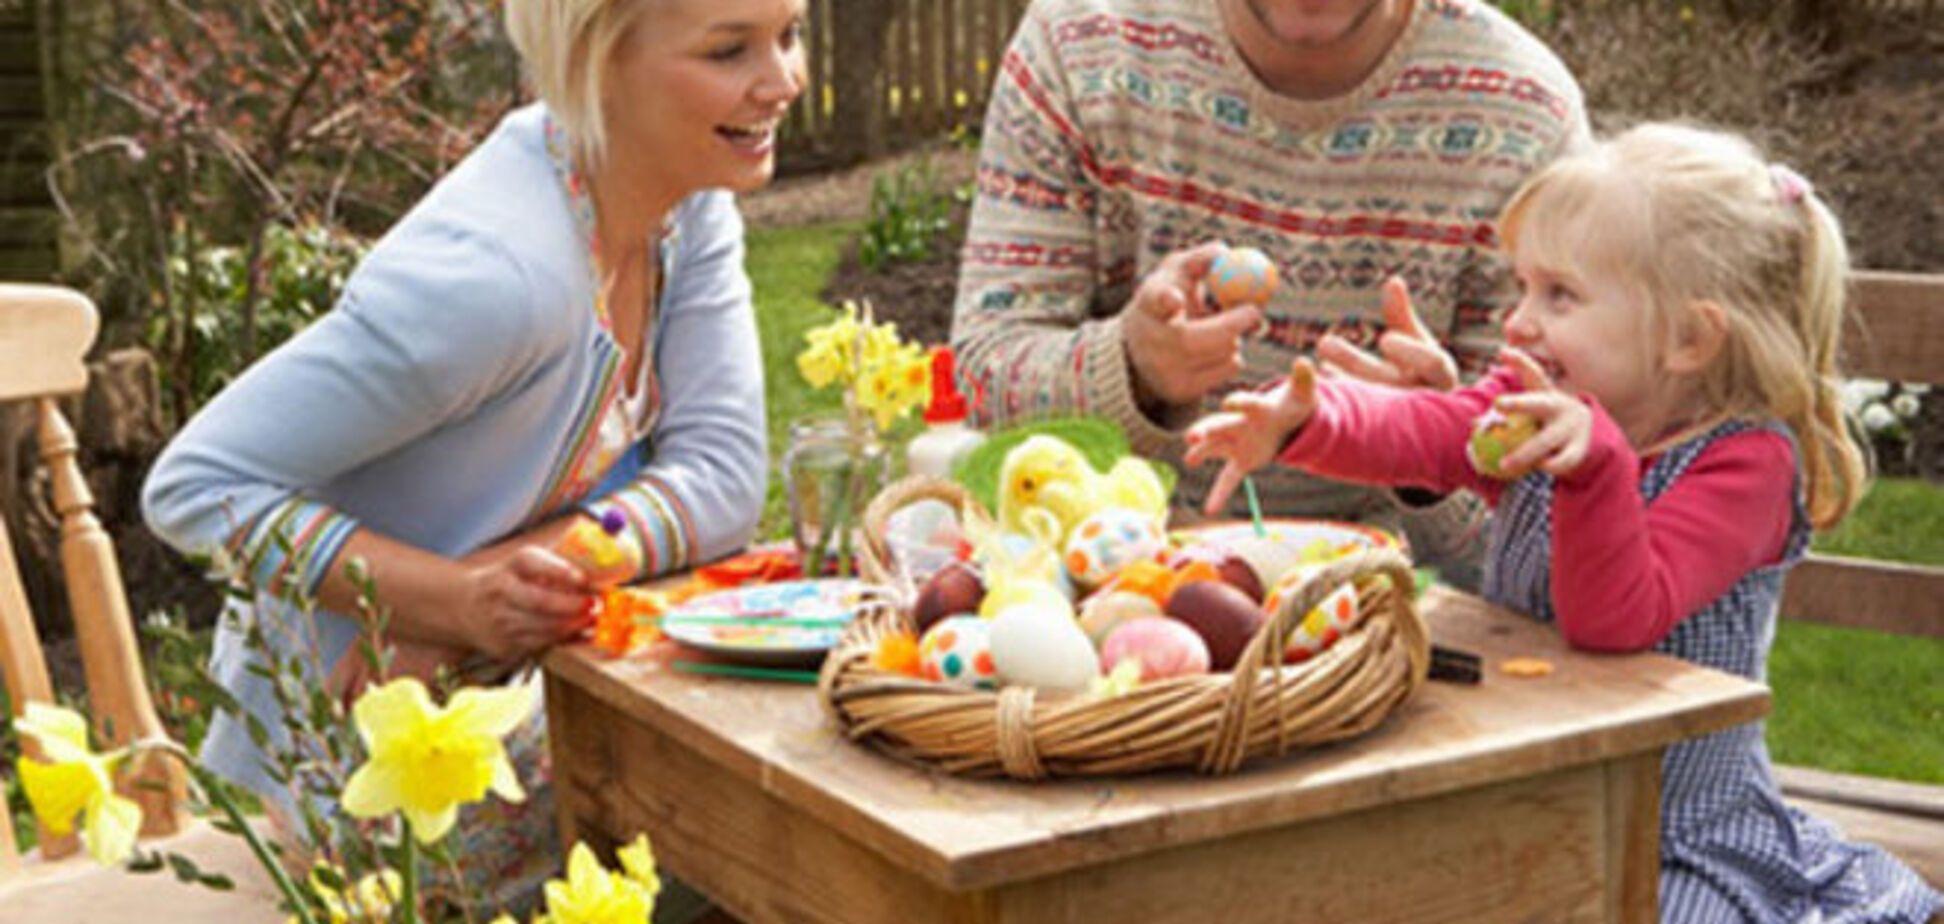 Как праздник Пасхи поможет избавиться от боли и обид в душе